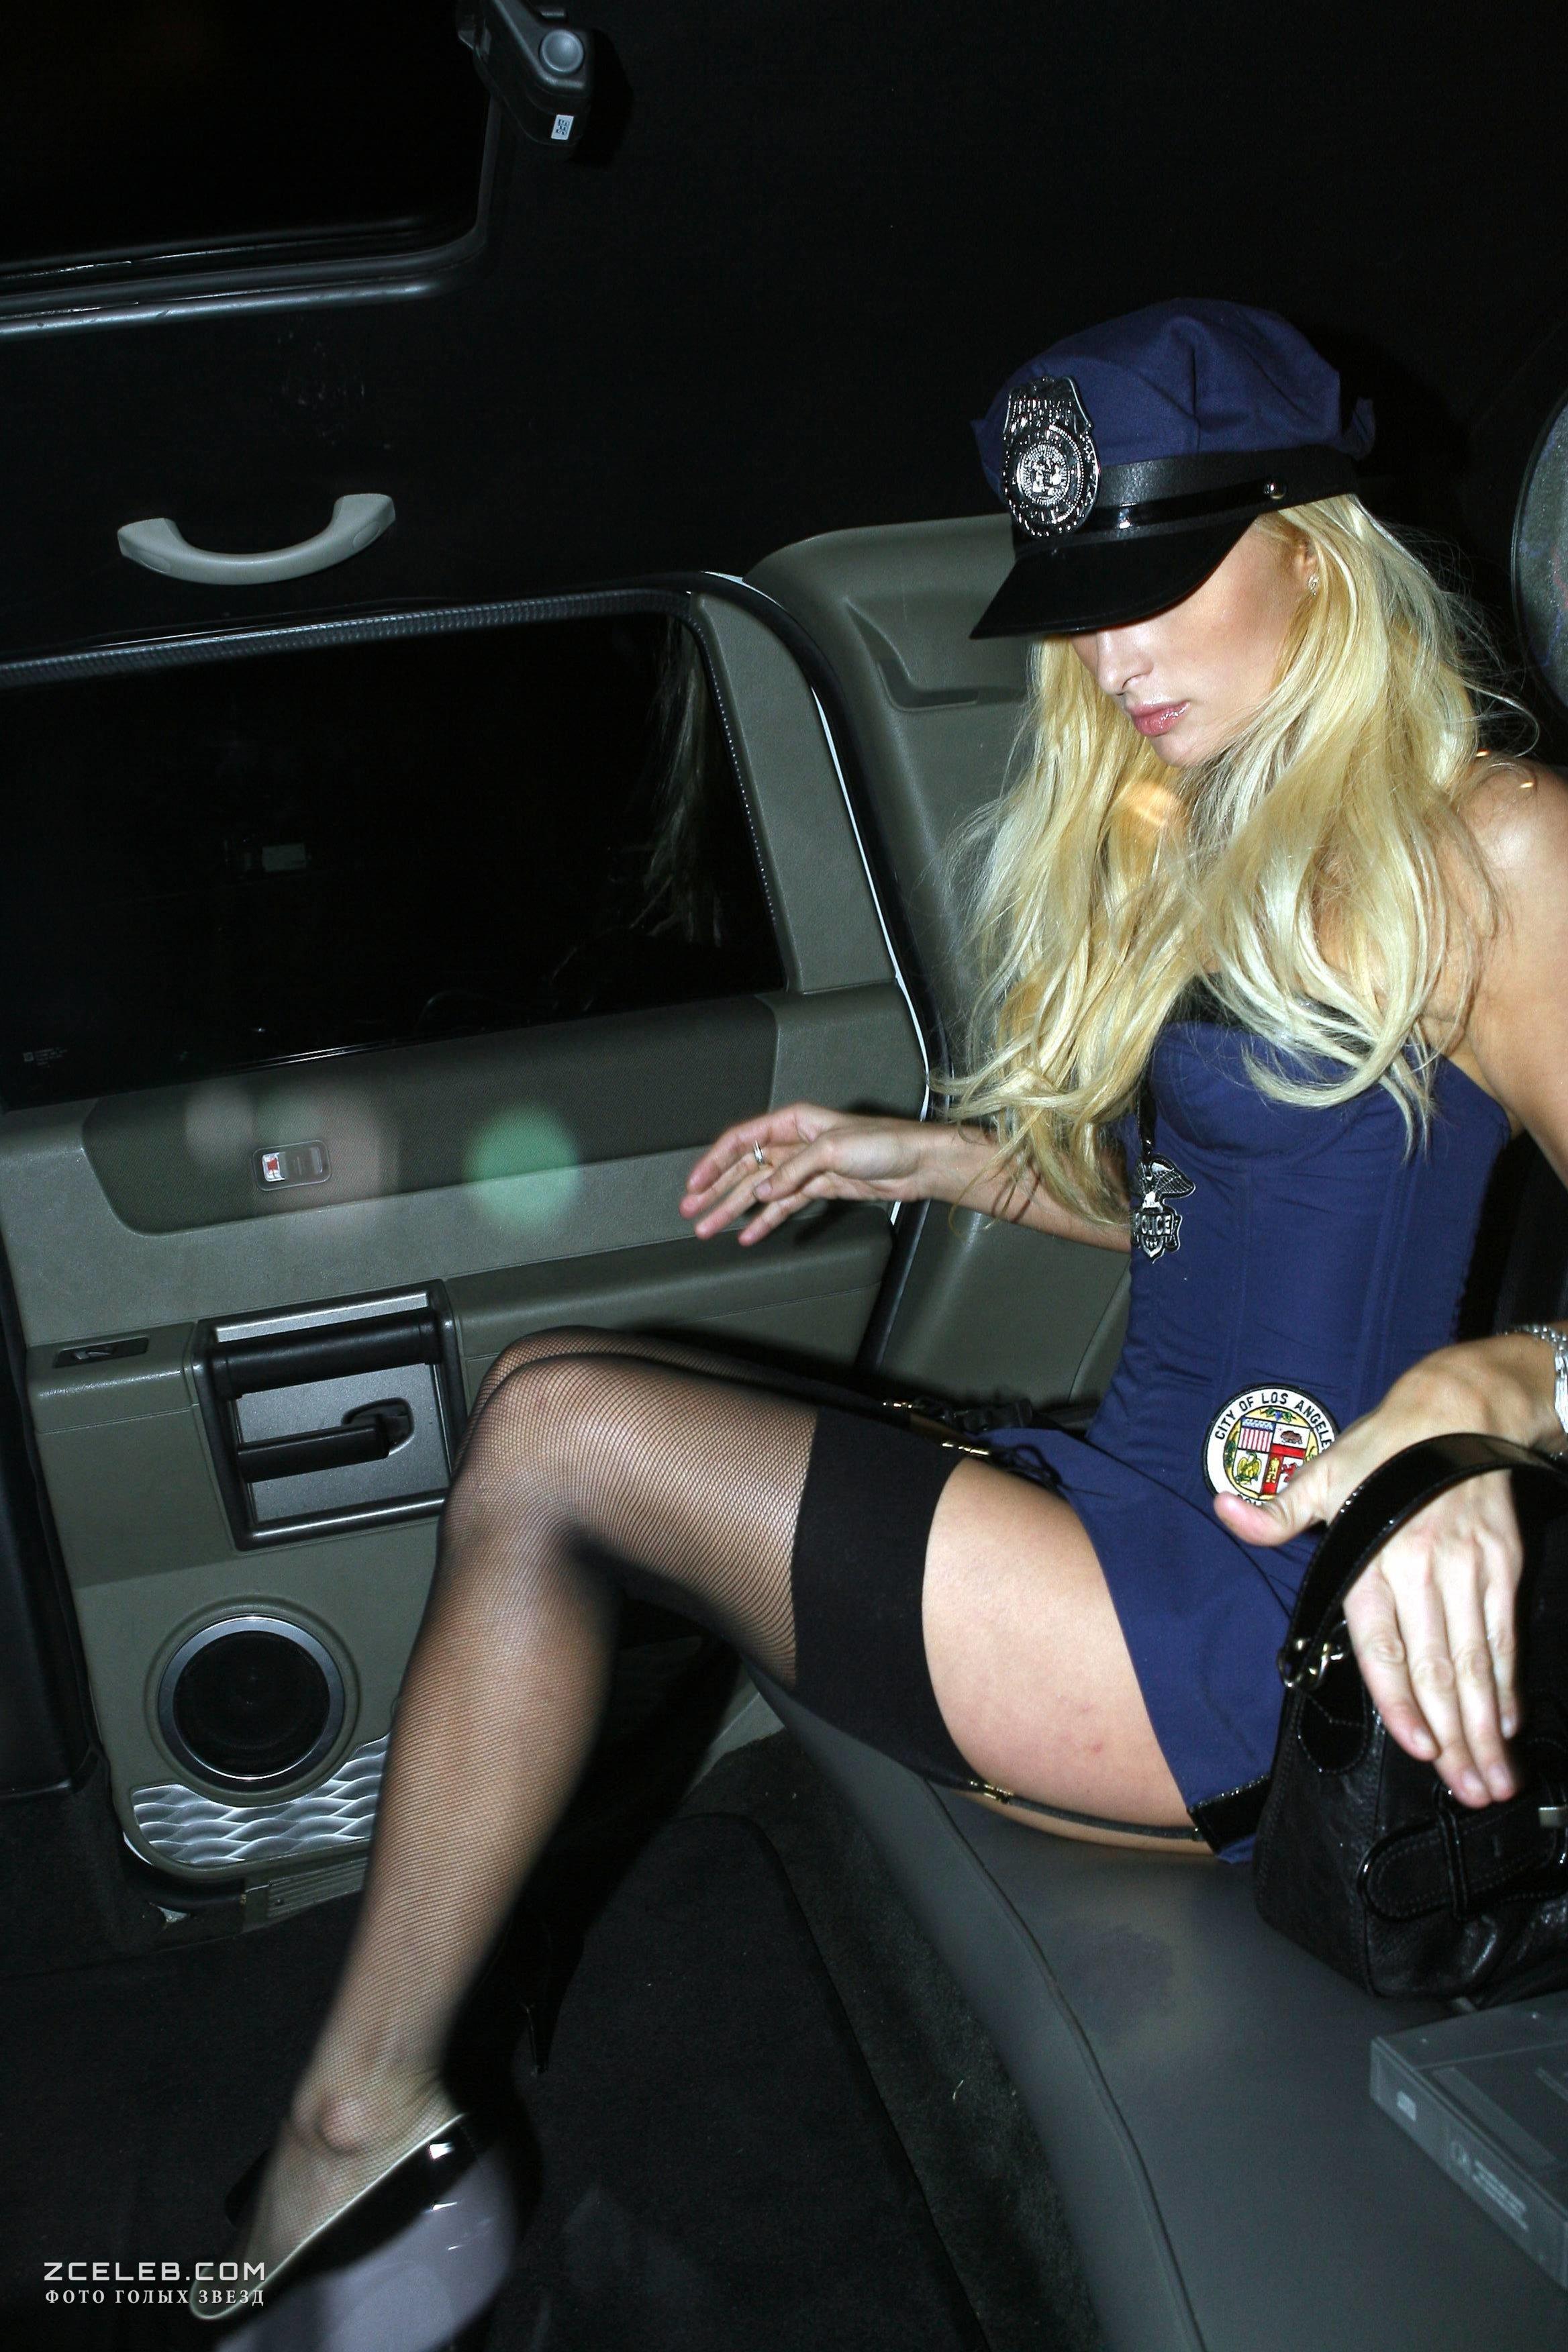 Черные пэрис хилтон выходит из машины без трусов в черном платье